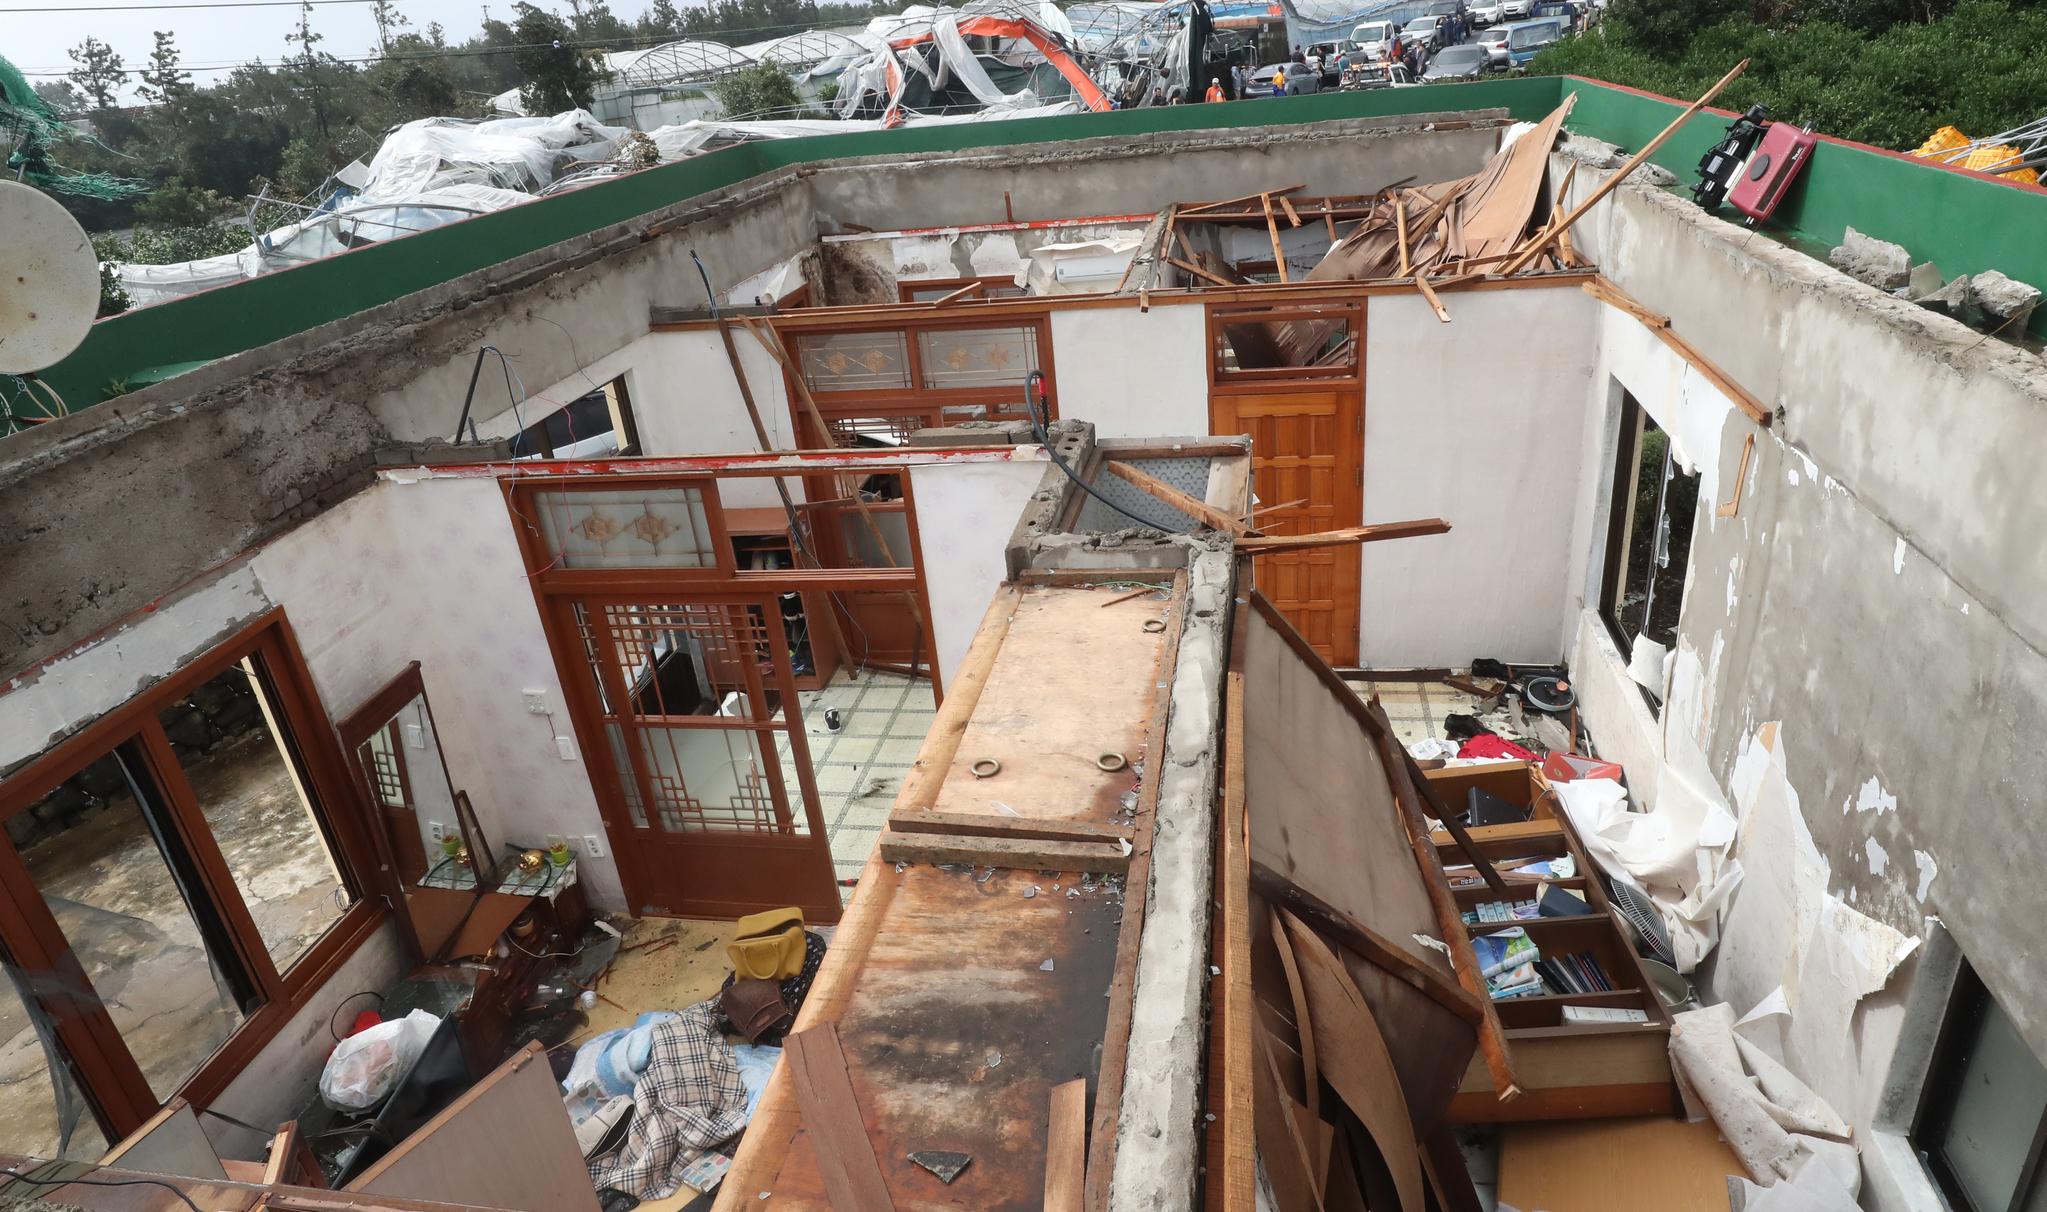 2일 오전 제18호 태풍 '미탁(MITAG)'이 몰고 온 돌풍의 영향으로 서귀포시 성산읍 신풍리의 한 주택 지붕이 날아가 있다. [뉴스1]